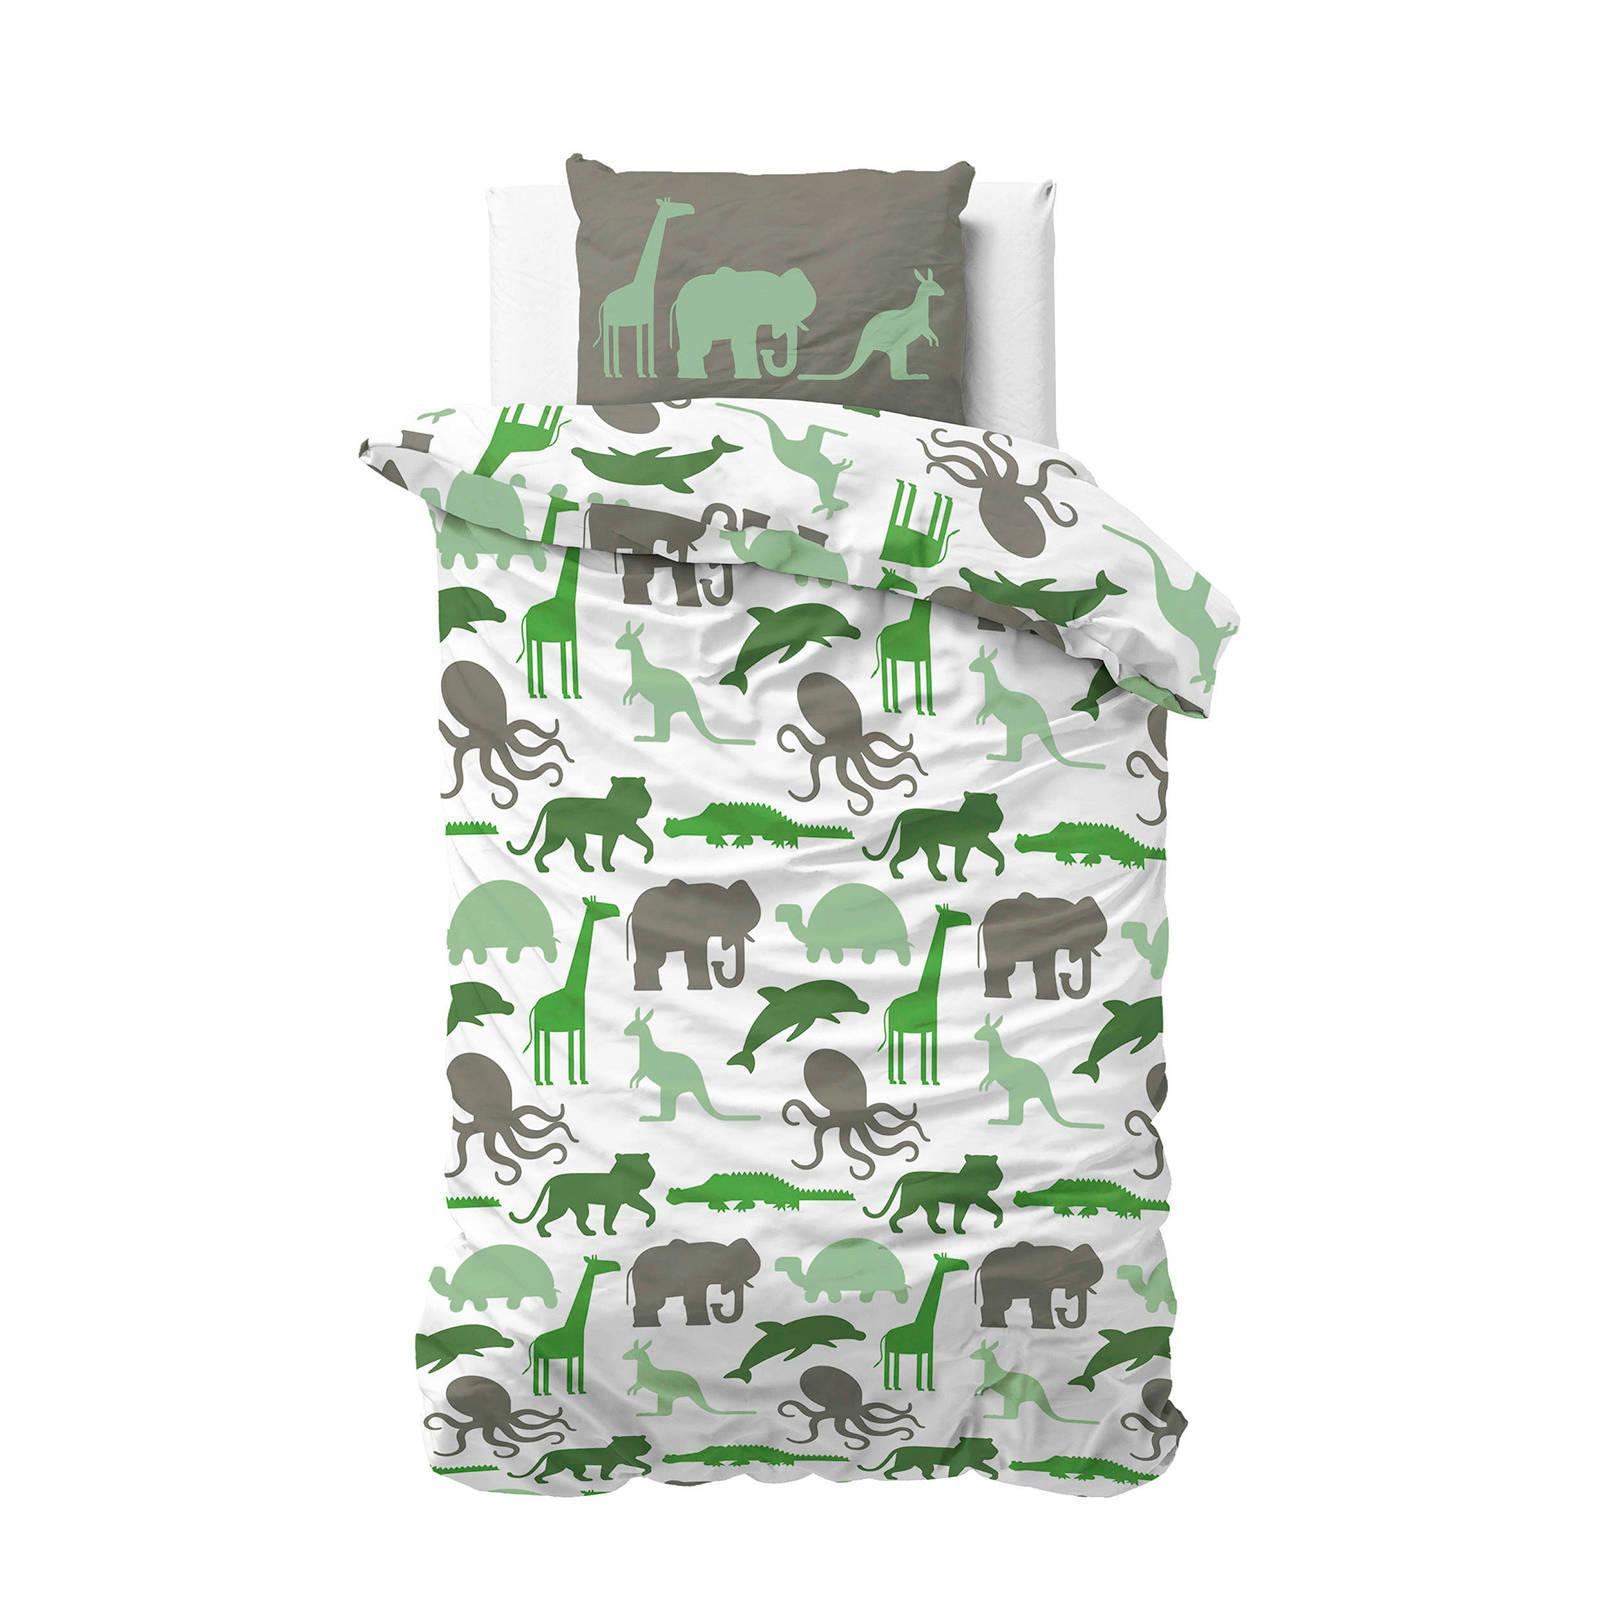 sleeptime katoenen dekbedovertrek 1 persoons groen